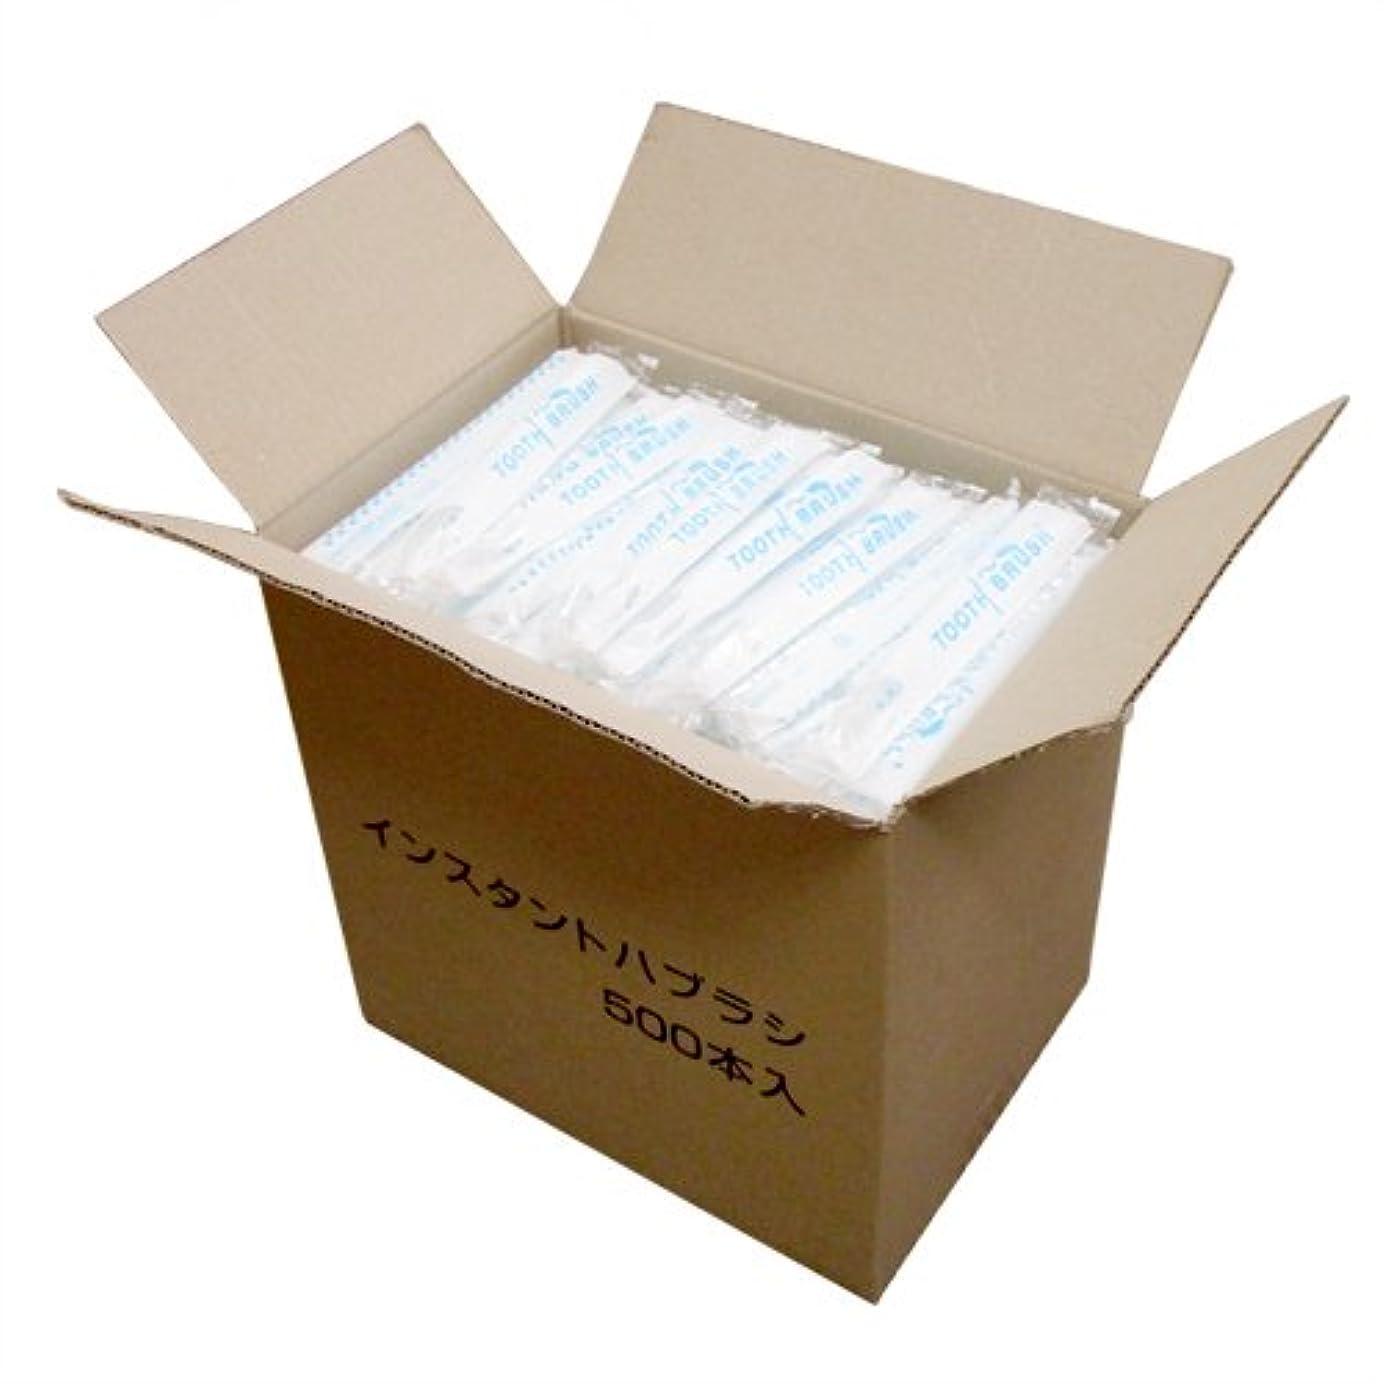 筋肉のぎこちないアブセイ業務用 日本製 使い捨て粉付き歯ブラシ 個包装タイプ 500本入×1箱│ホテルアメニティ